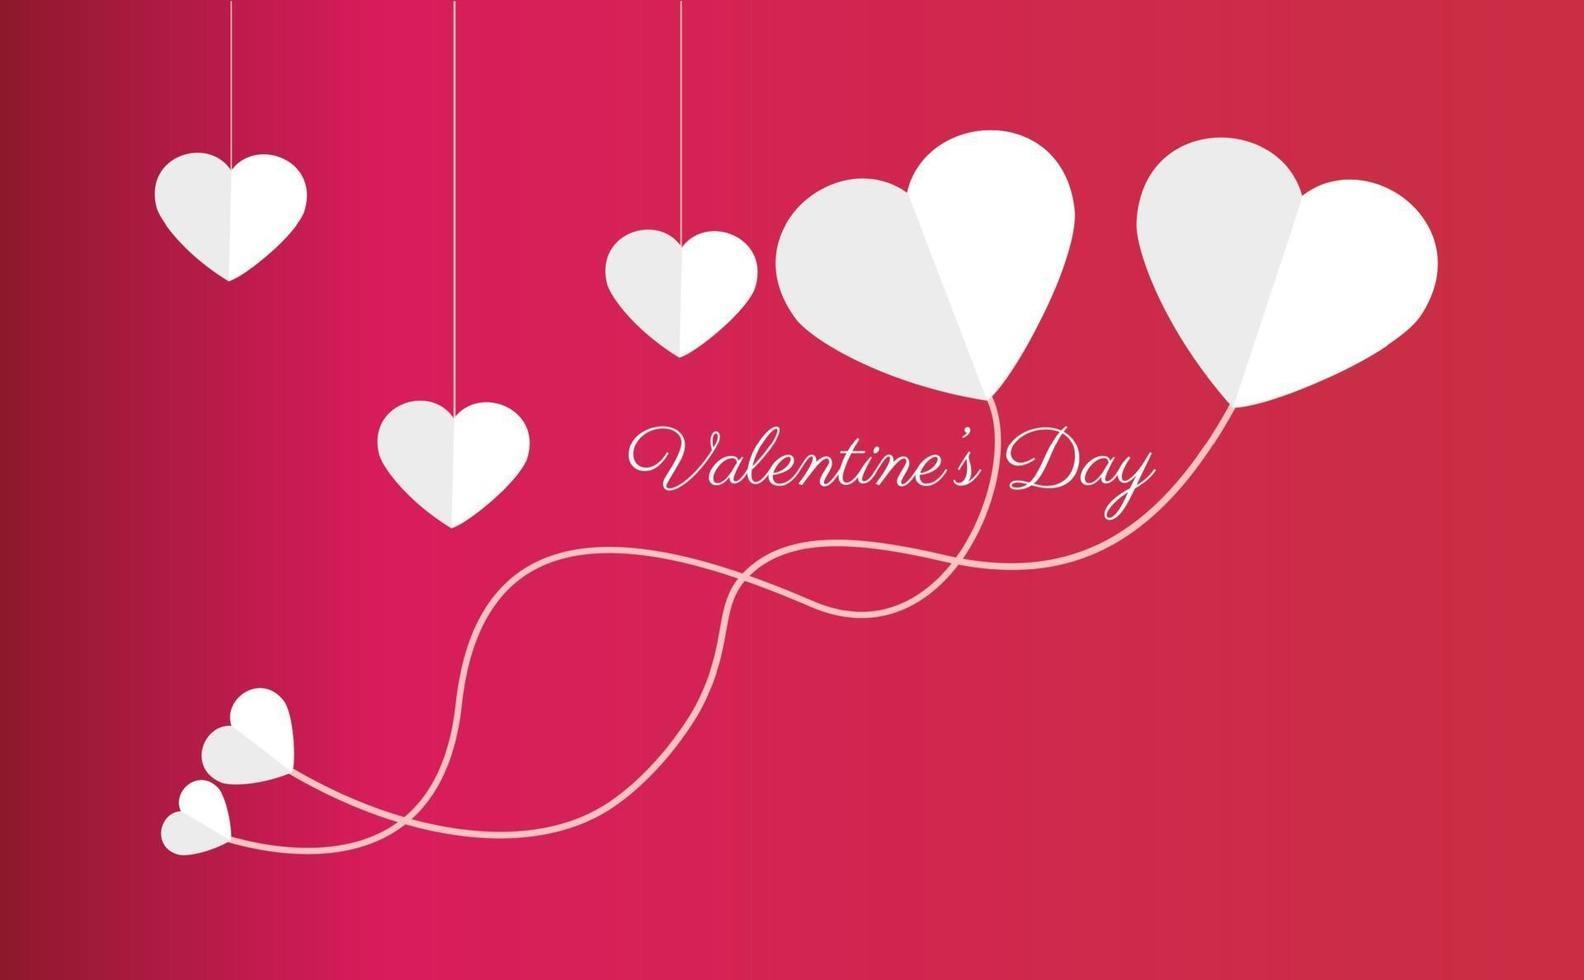 fond de la Saint-Valentin minimaliste bannière créative romantique de la Saint-Valentin heureuse, en-tête horizontal pour site Web. fond réaliste 3d objets décoratifs festifs, fond rouge vecteur